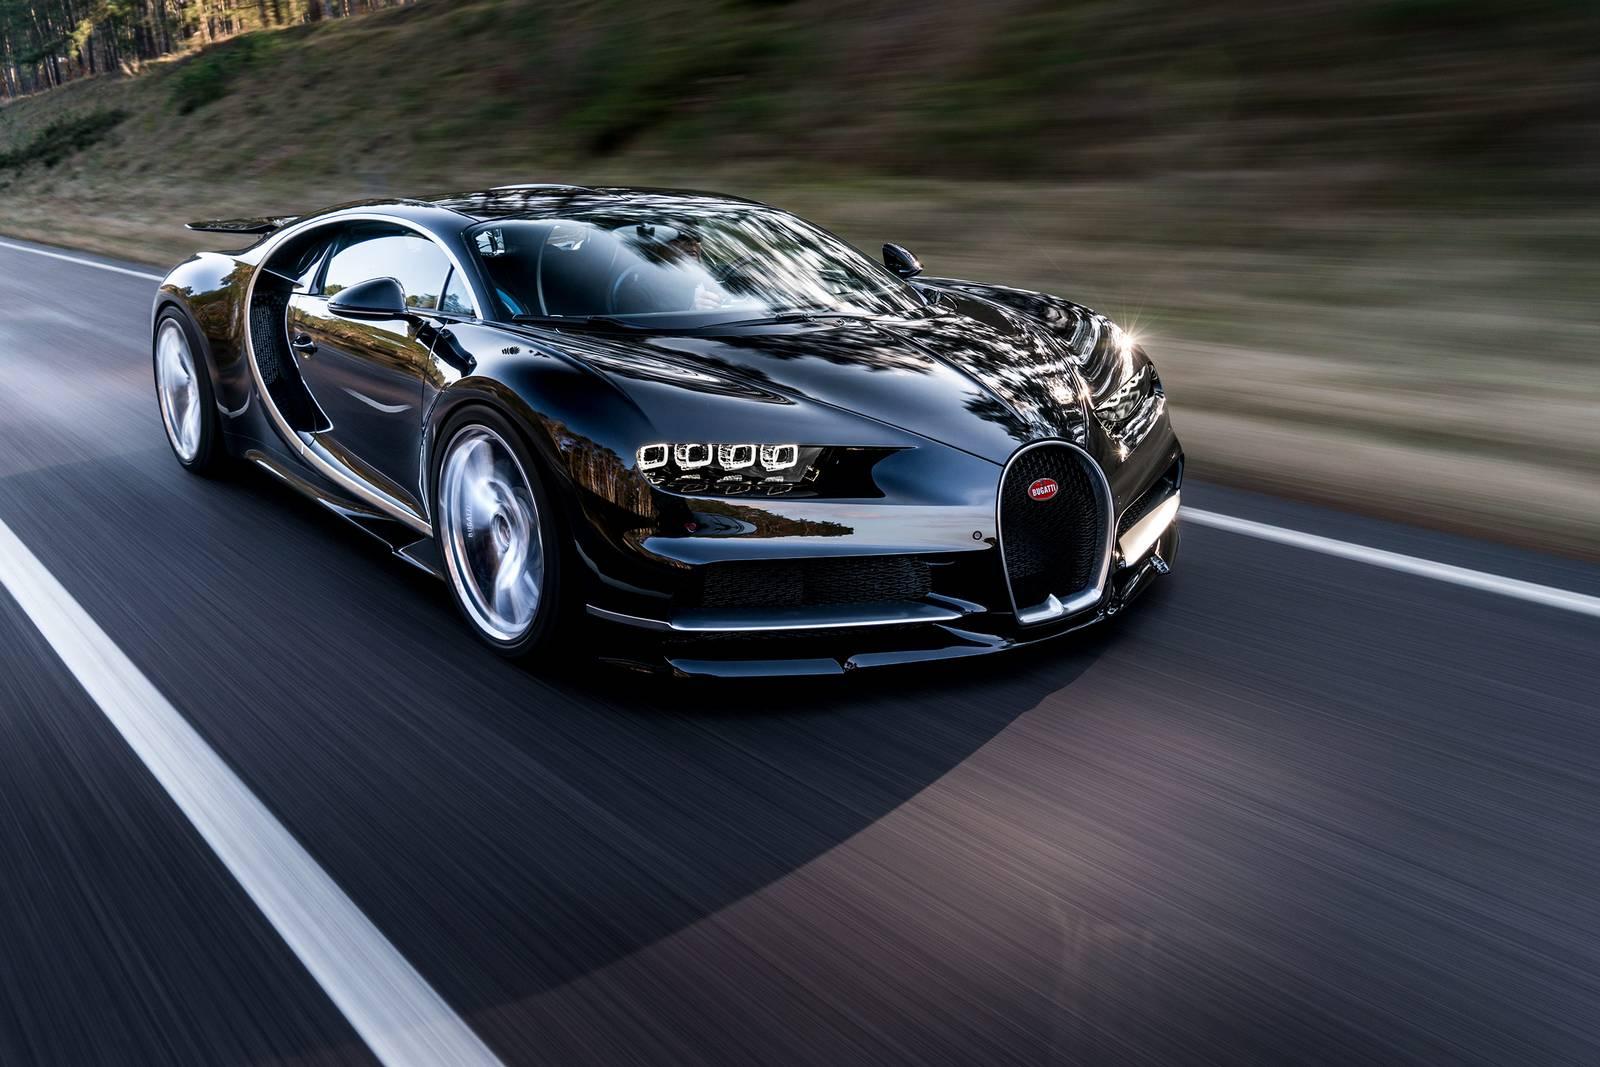 Official 2017 Bugatti Chiron